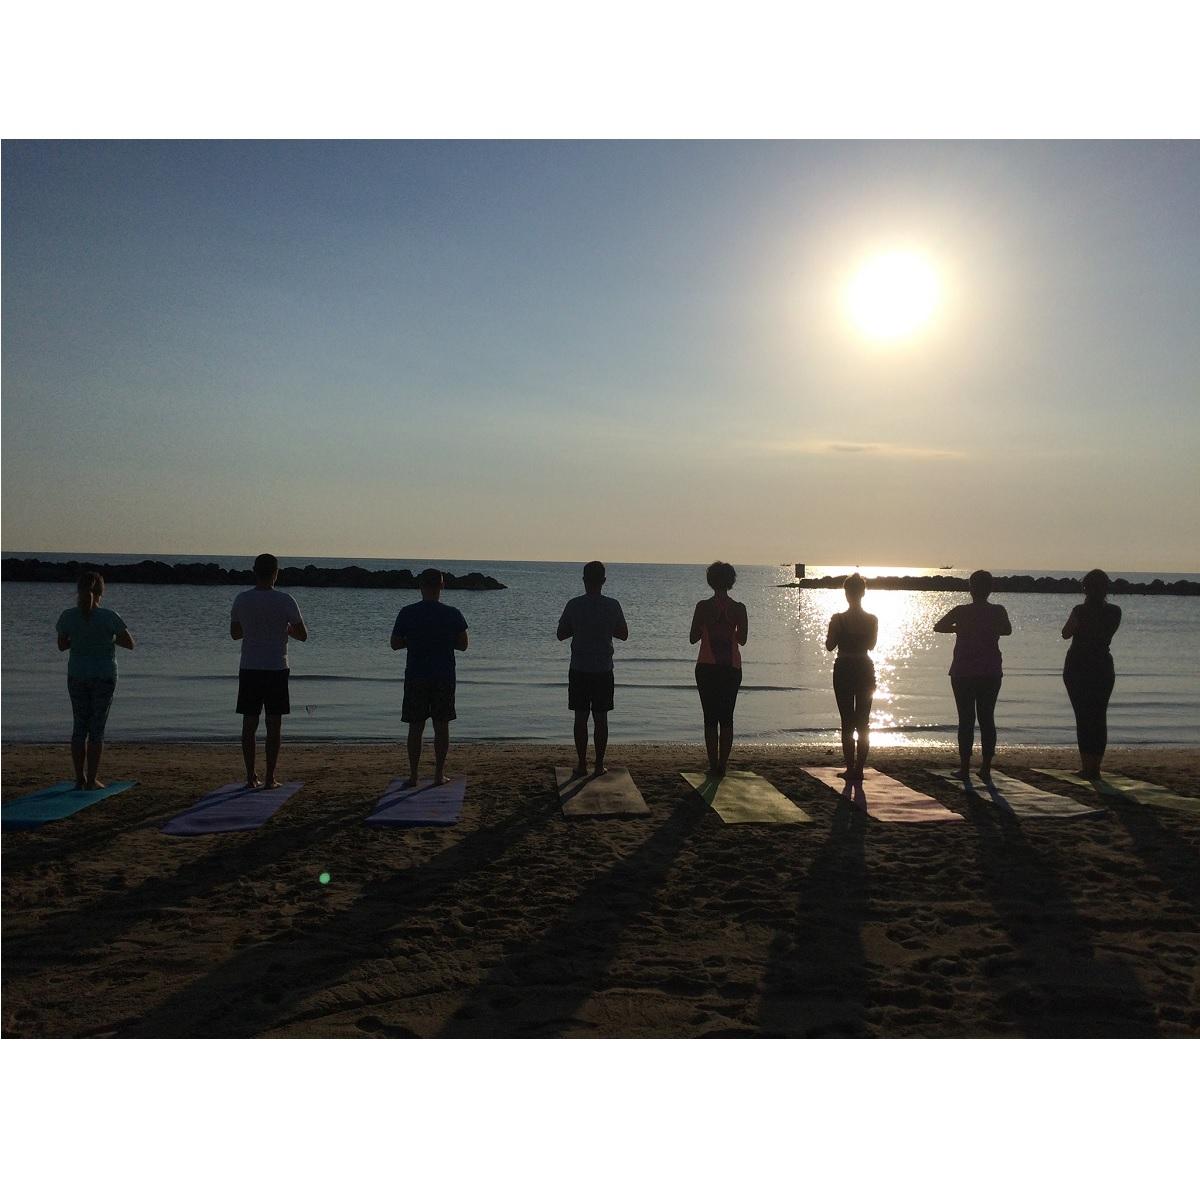 Yoga al solstizio d'estate a Pescara lunedì 21 giugno 2021 foto